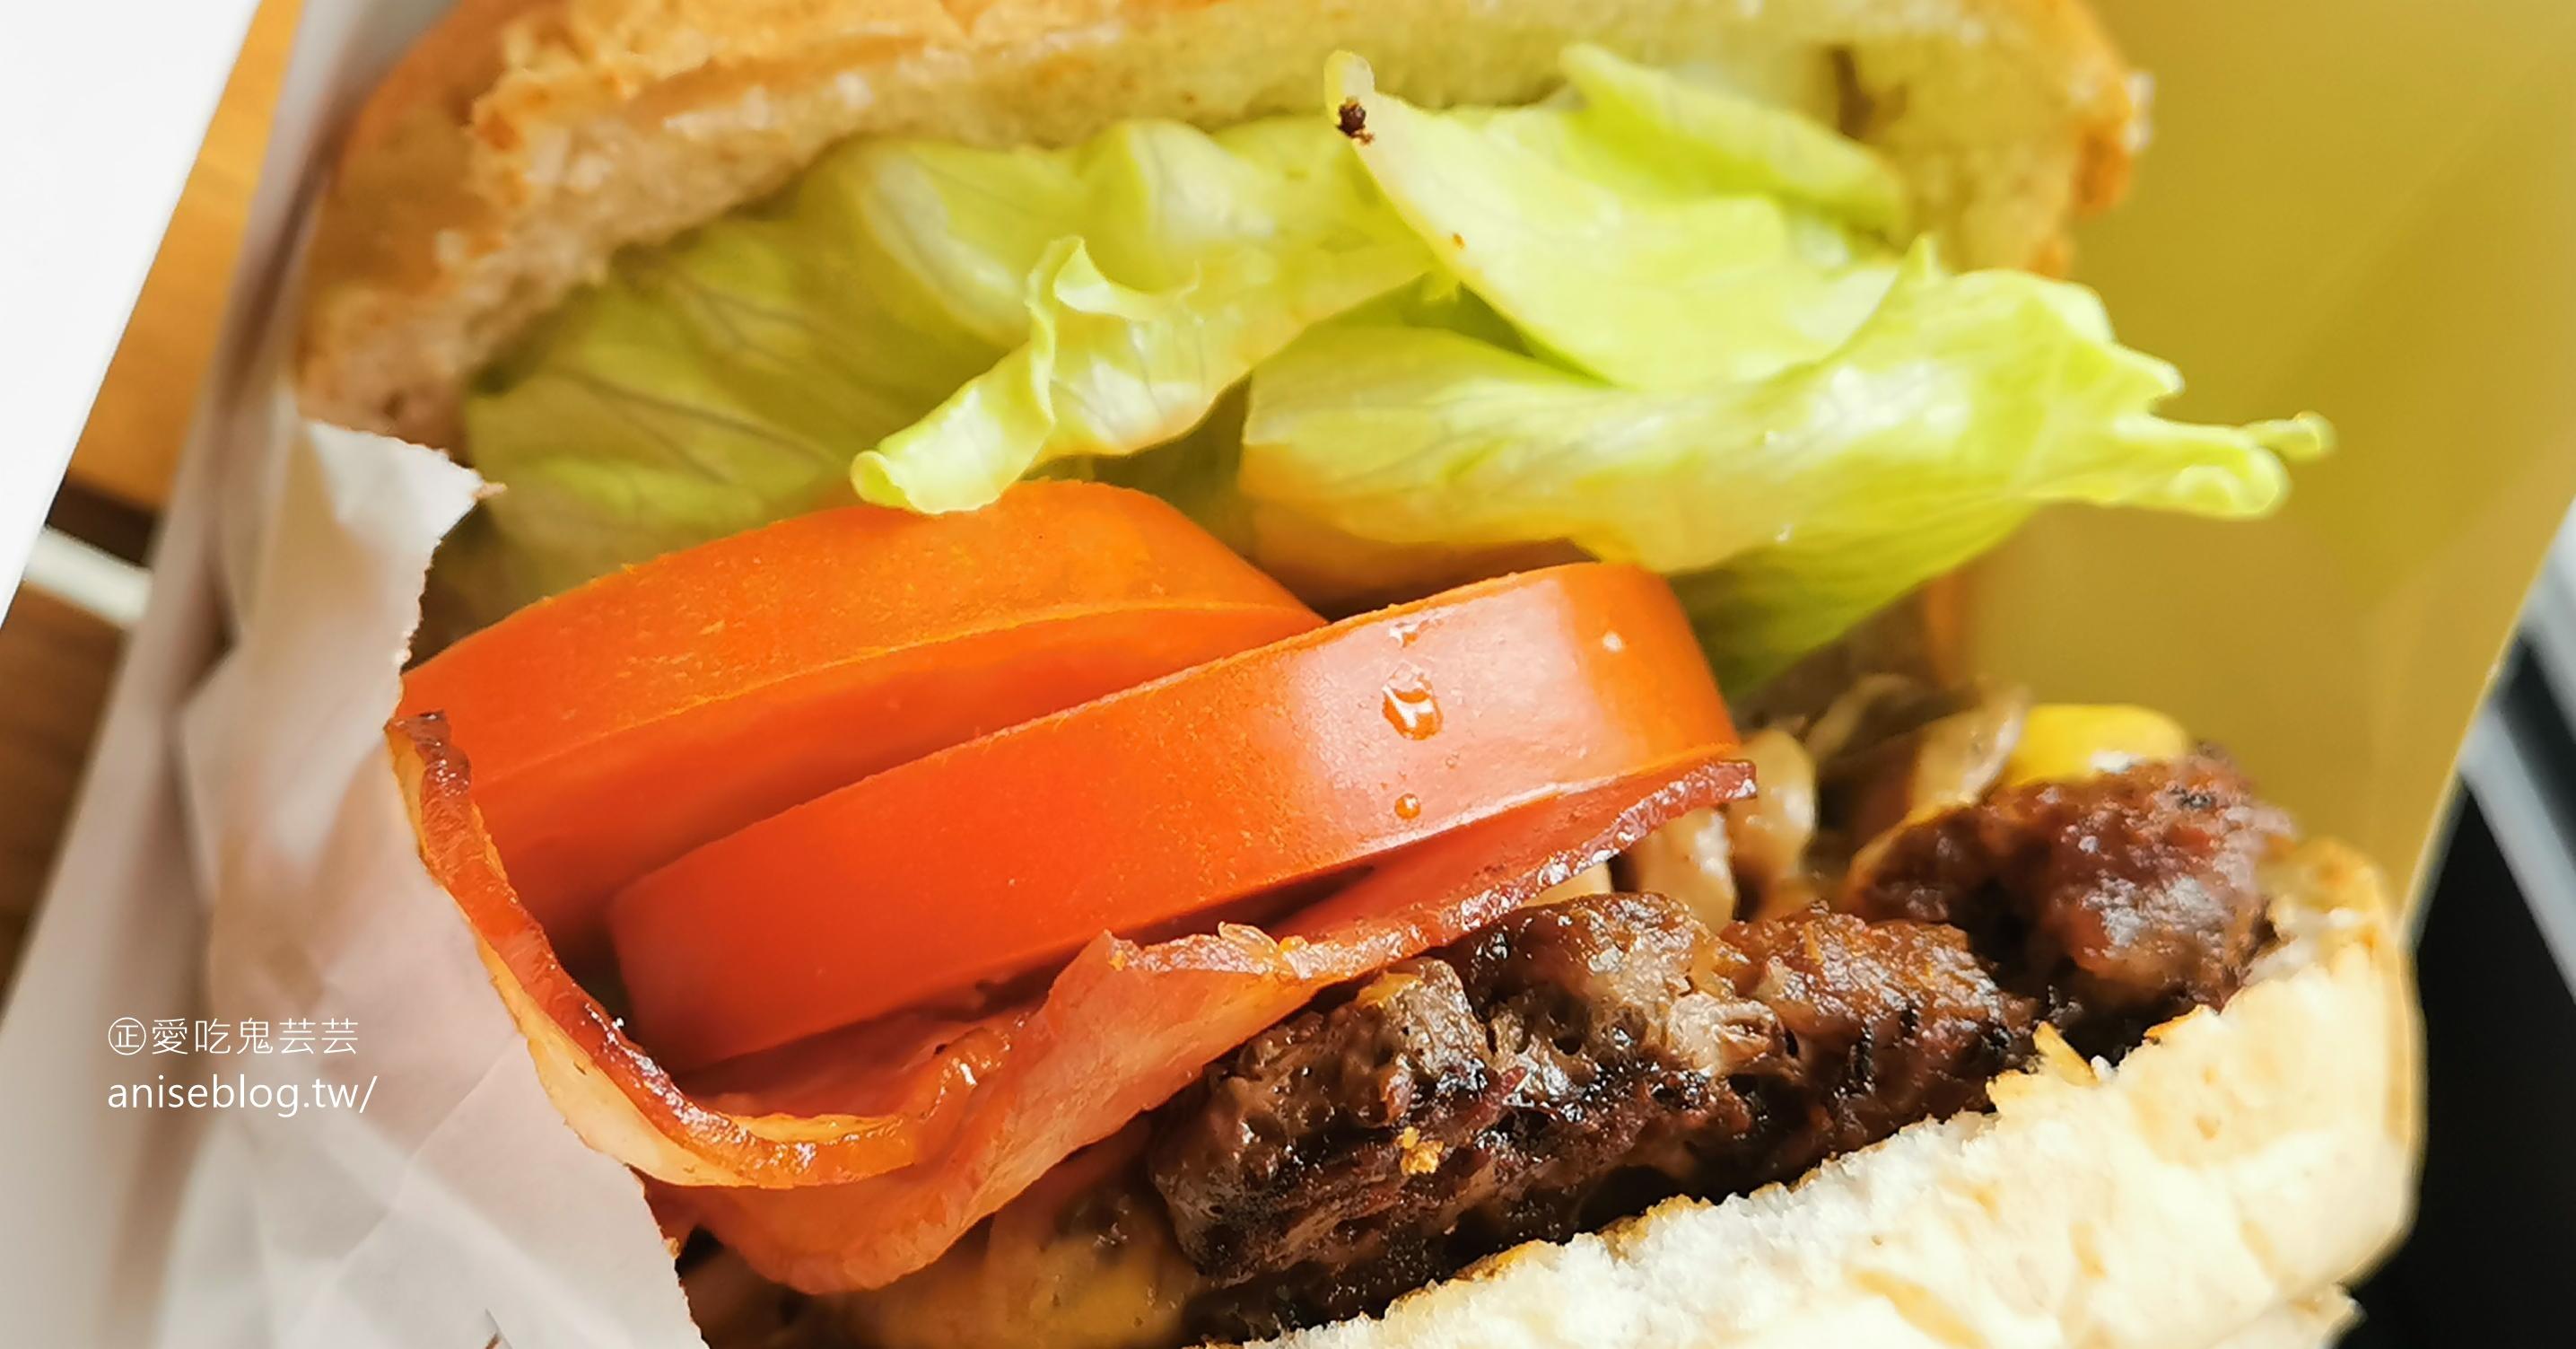 網站近期文章:樂檸漢堡北車,記得穿短褲有優惠哦!果然好吃還吃飽飽😋